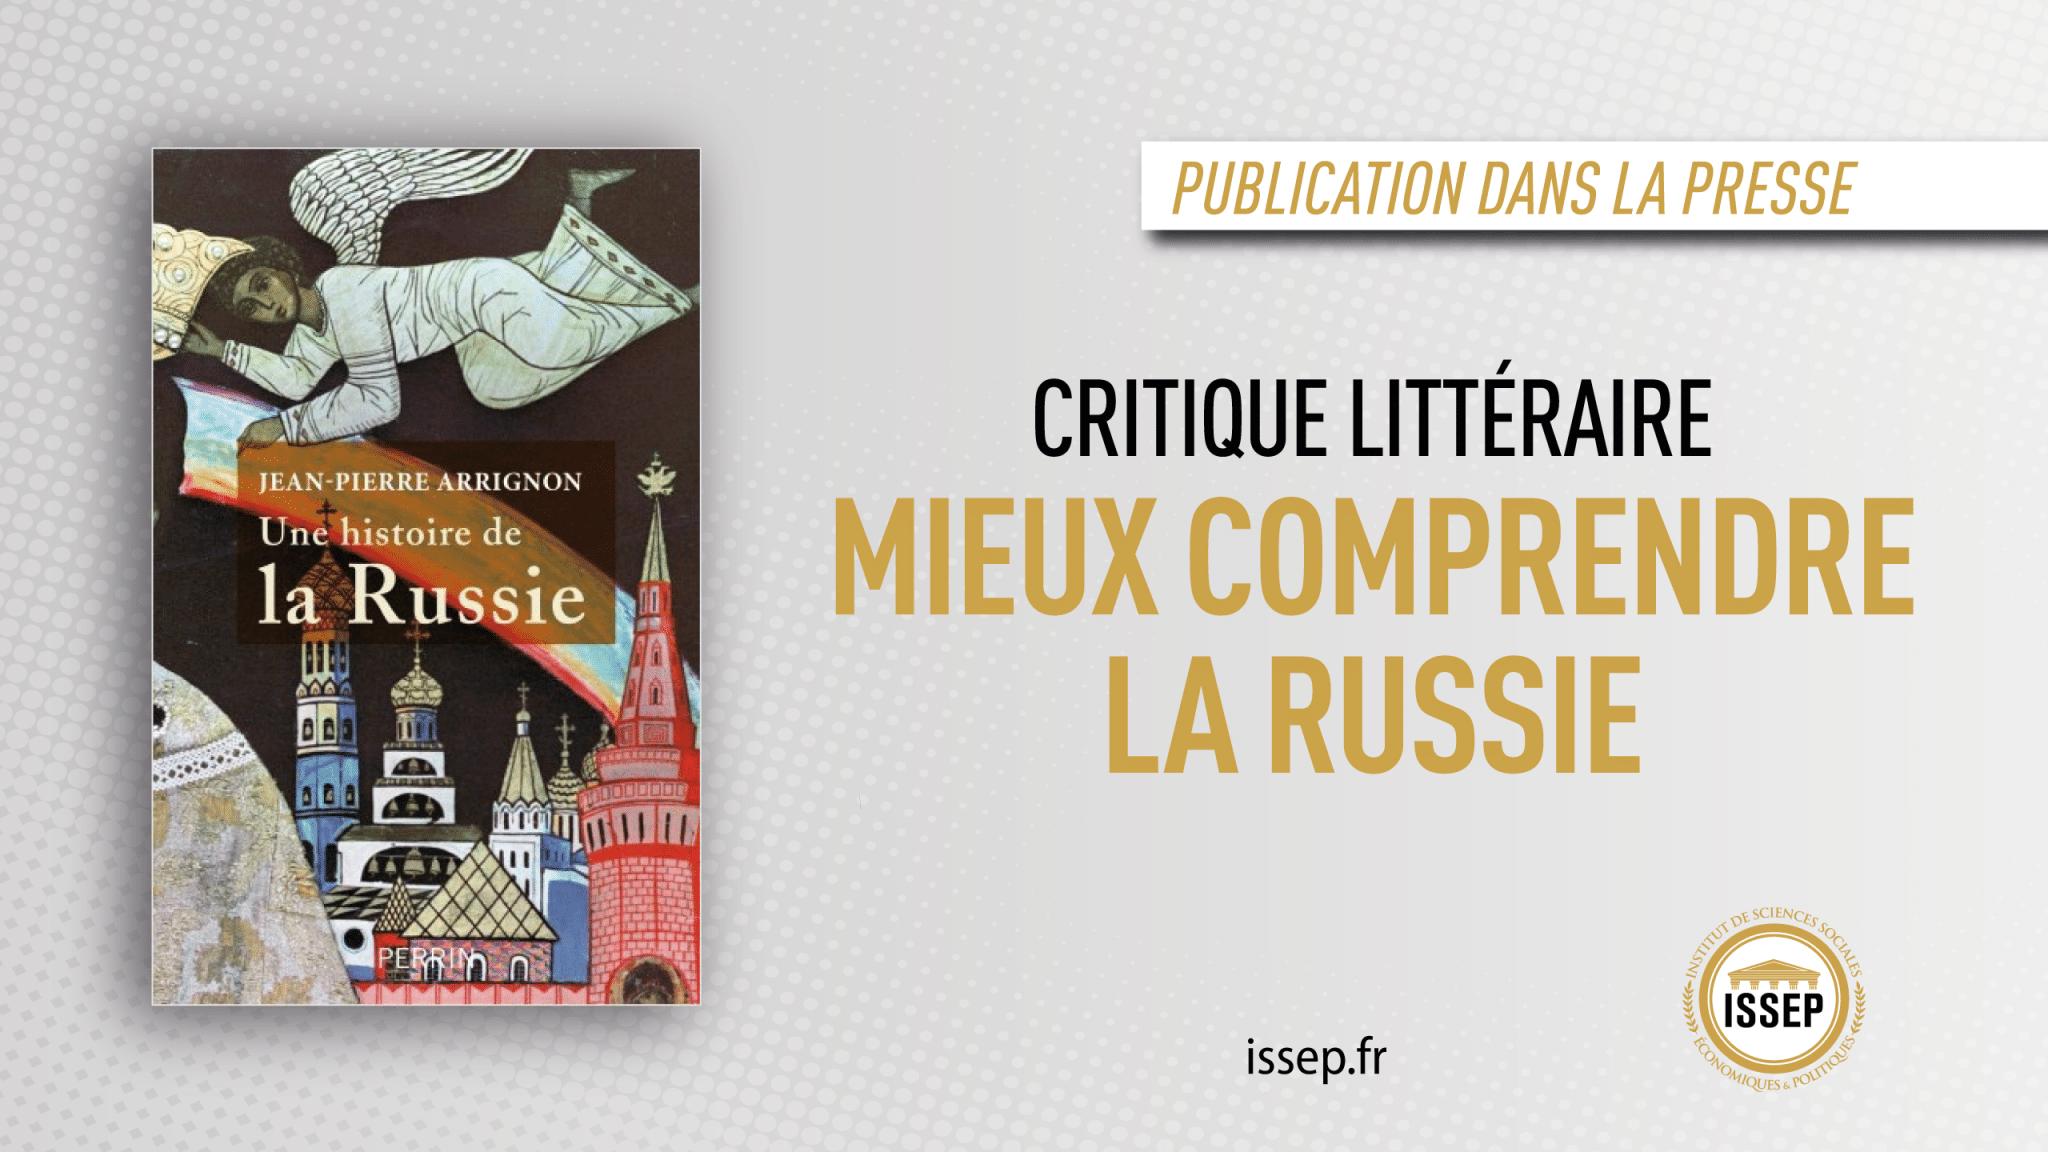 Critique littéraire - Mieux comprendre la Russie - Présent